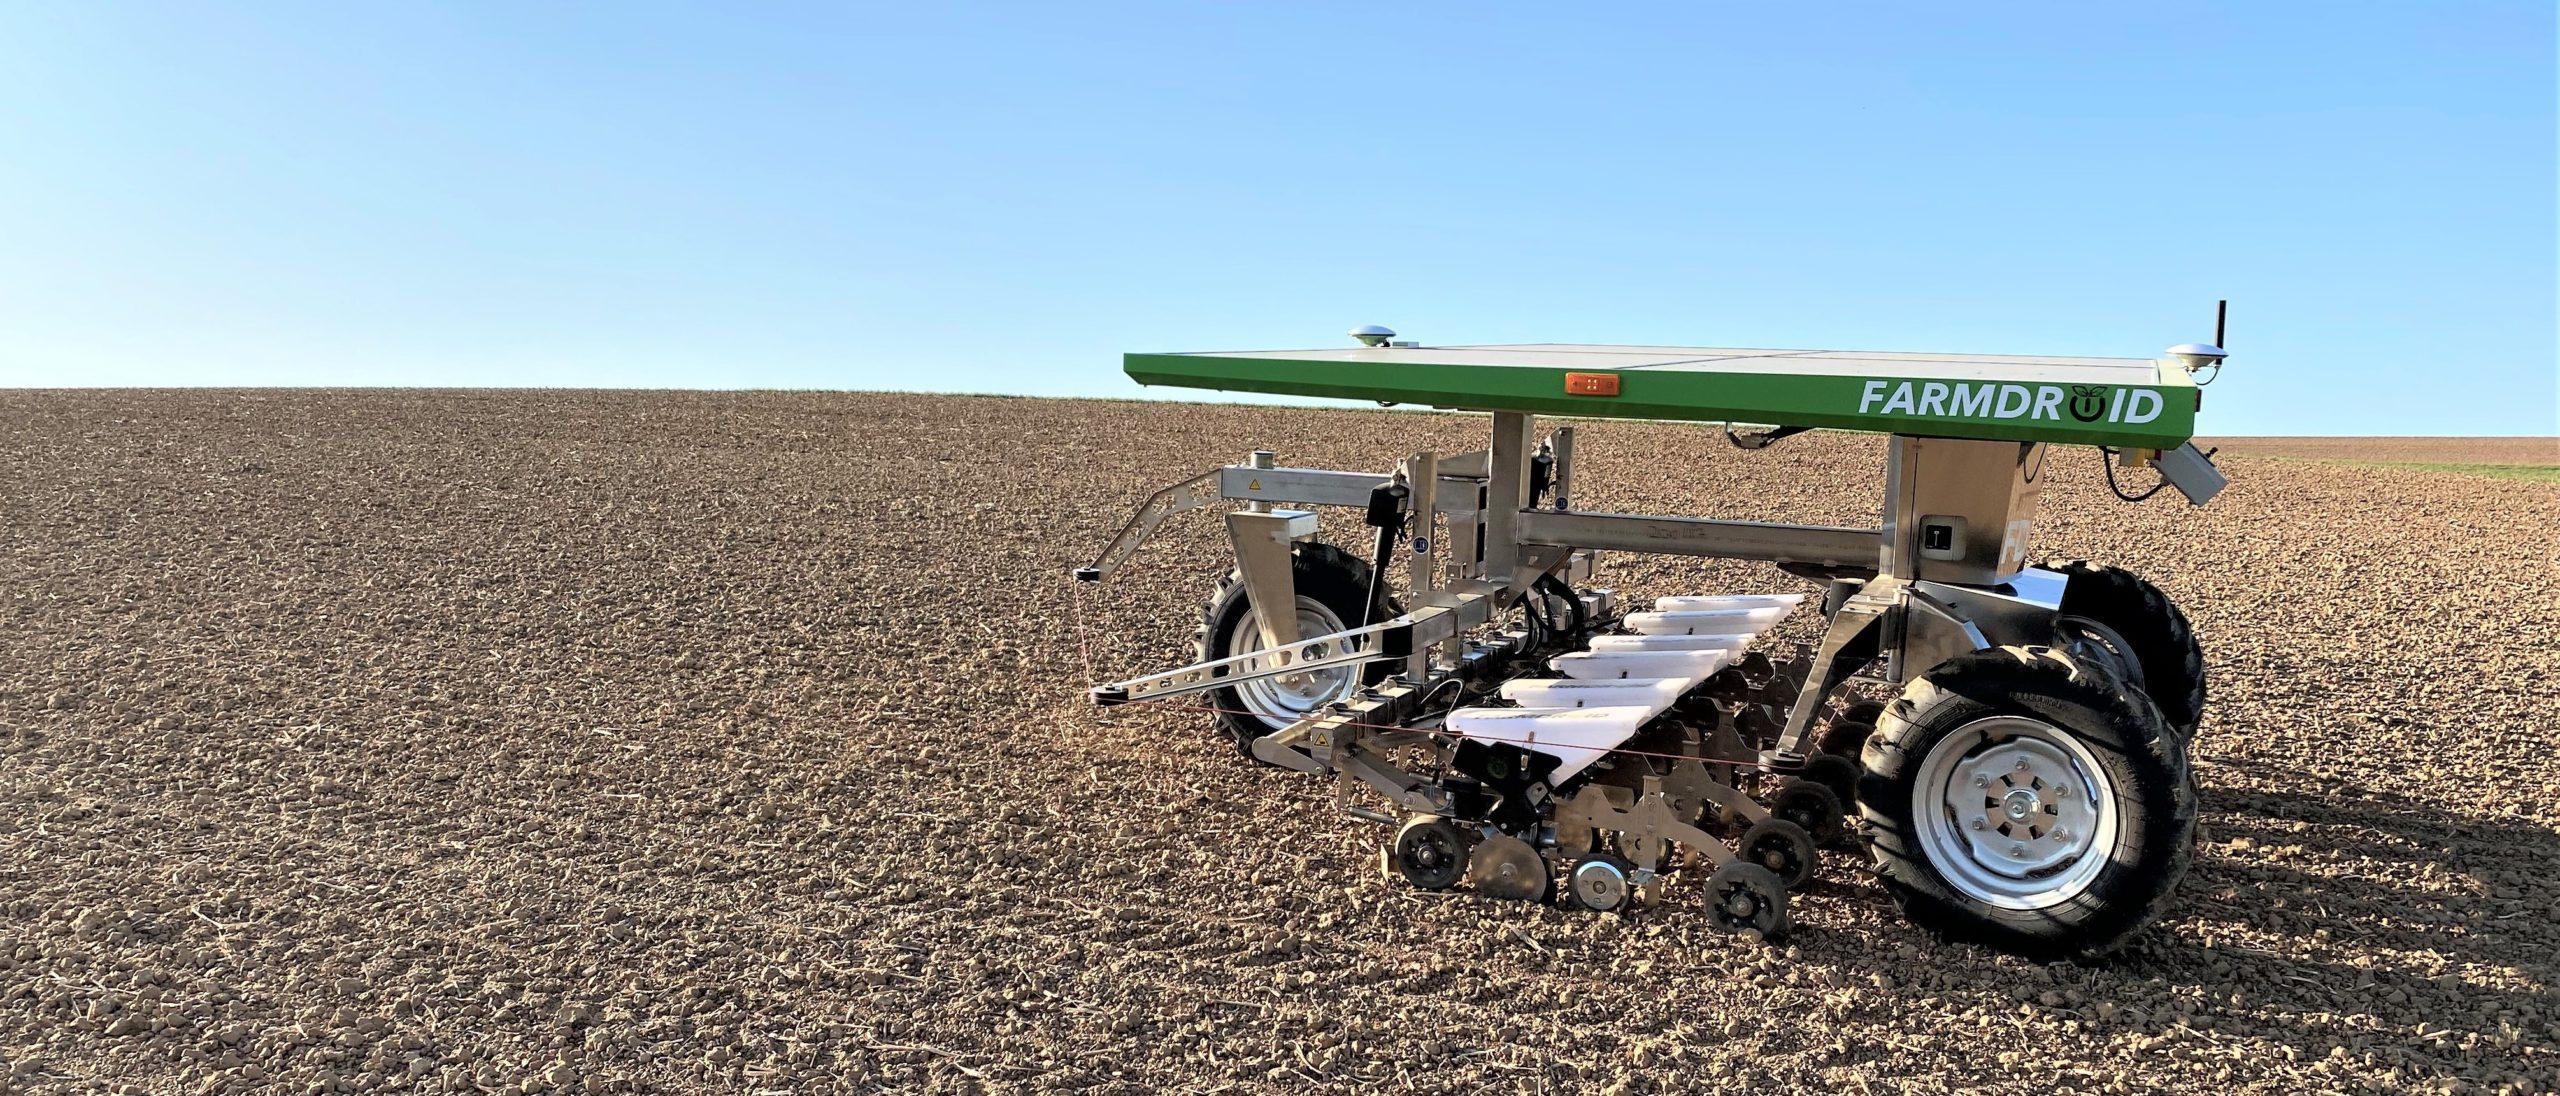 Startup dinamarquesa cria robô que semeia e capina 24 horas por dia